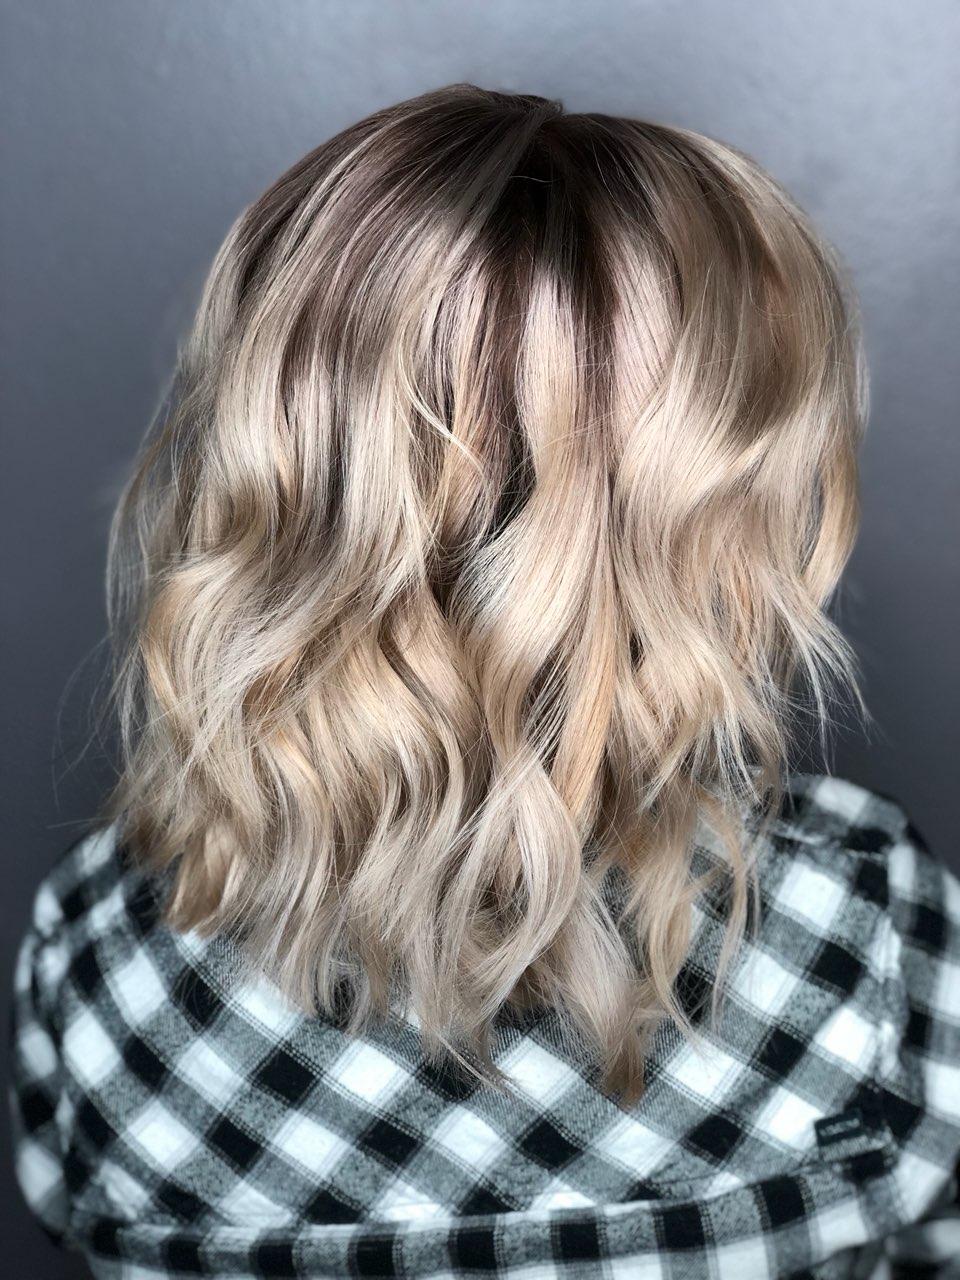 Dimensional Blonde & Haircut